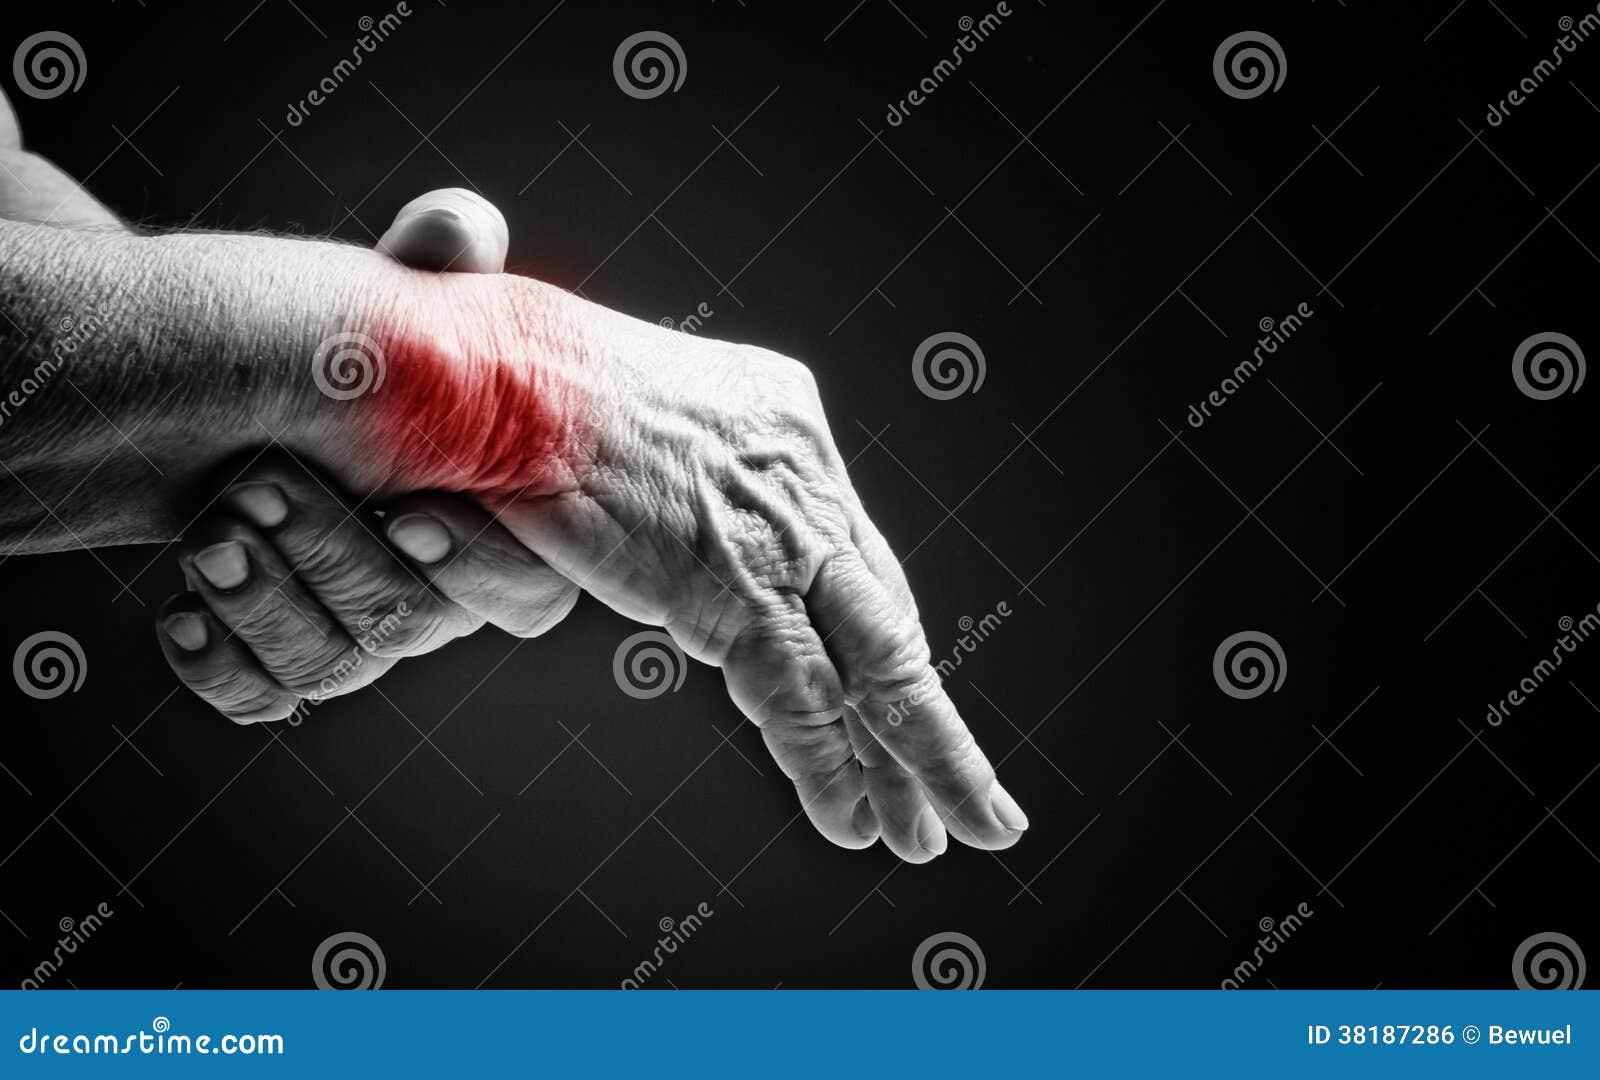 Mains supérieures. Souffrance de la douleur et du rhumatisme